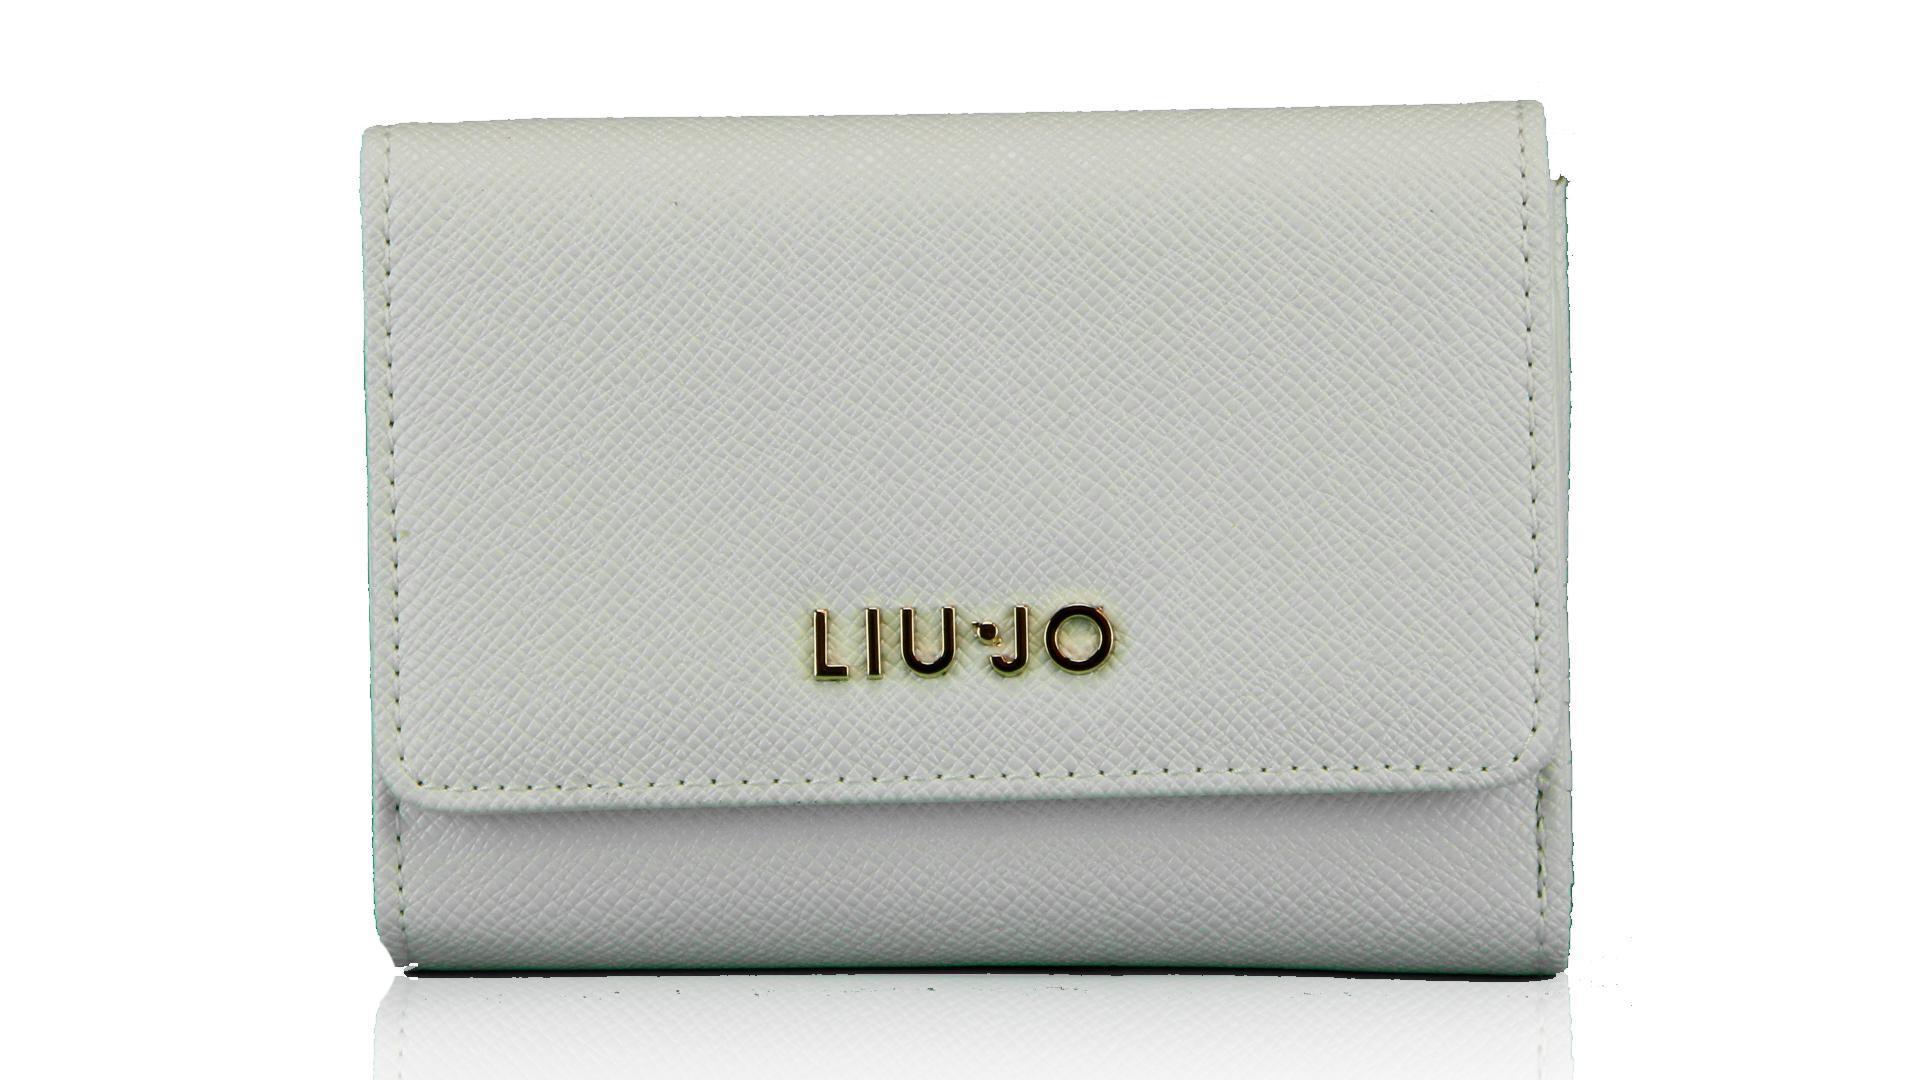 Woman wallet Liu Jo ANNA A16127 E0087 WHITE - LaBorsetteria.com 5265900264a